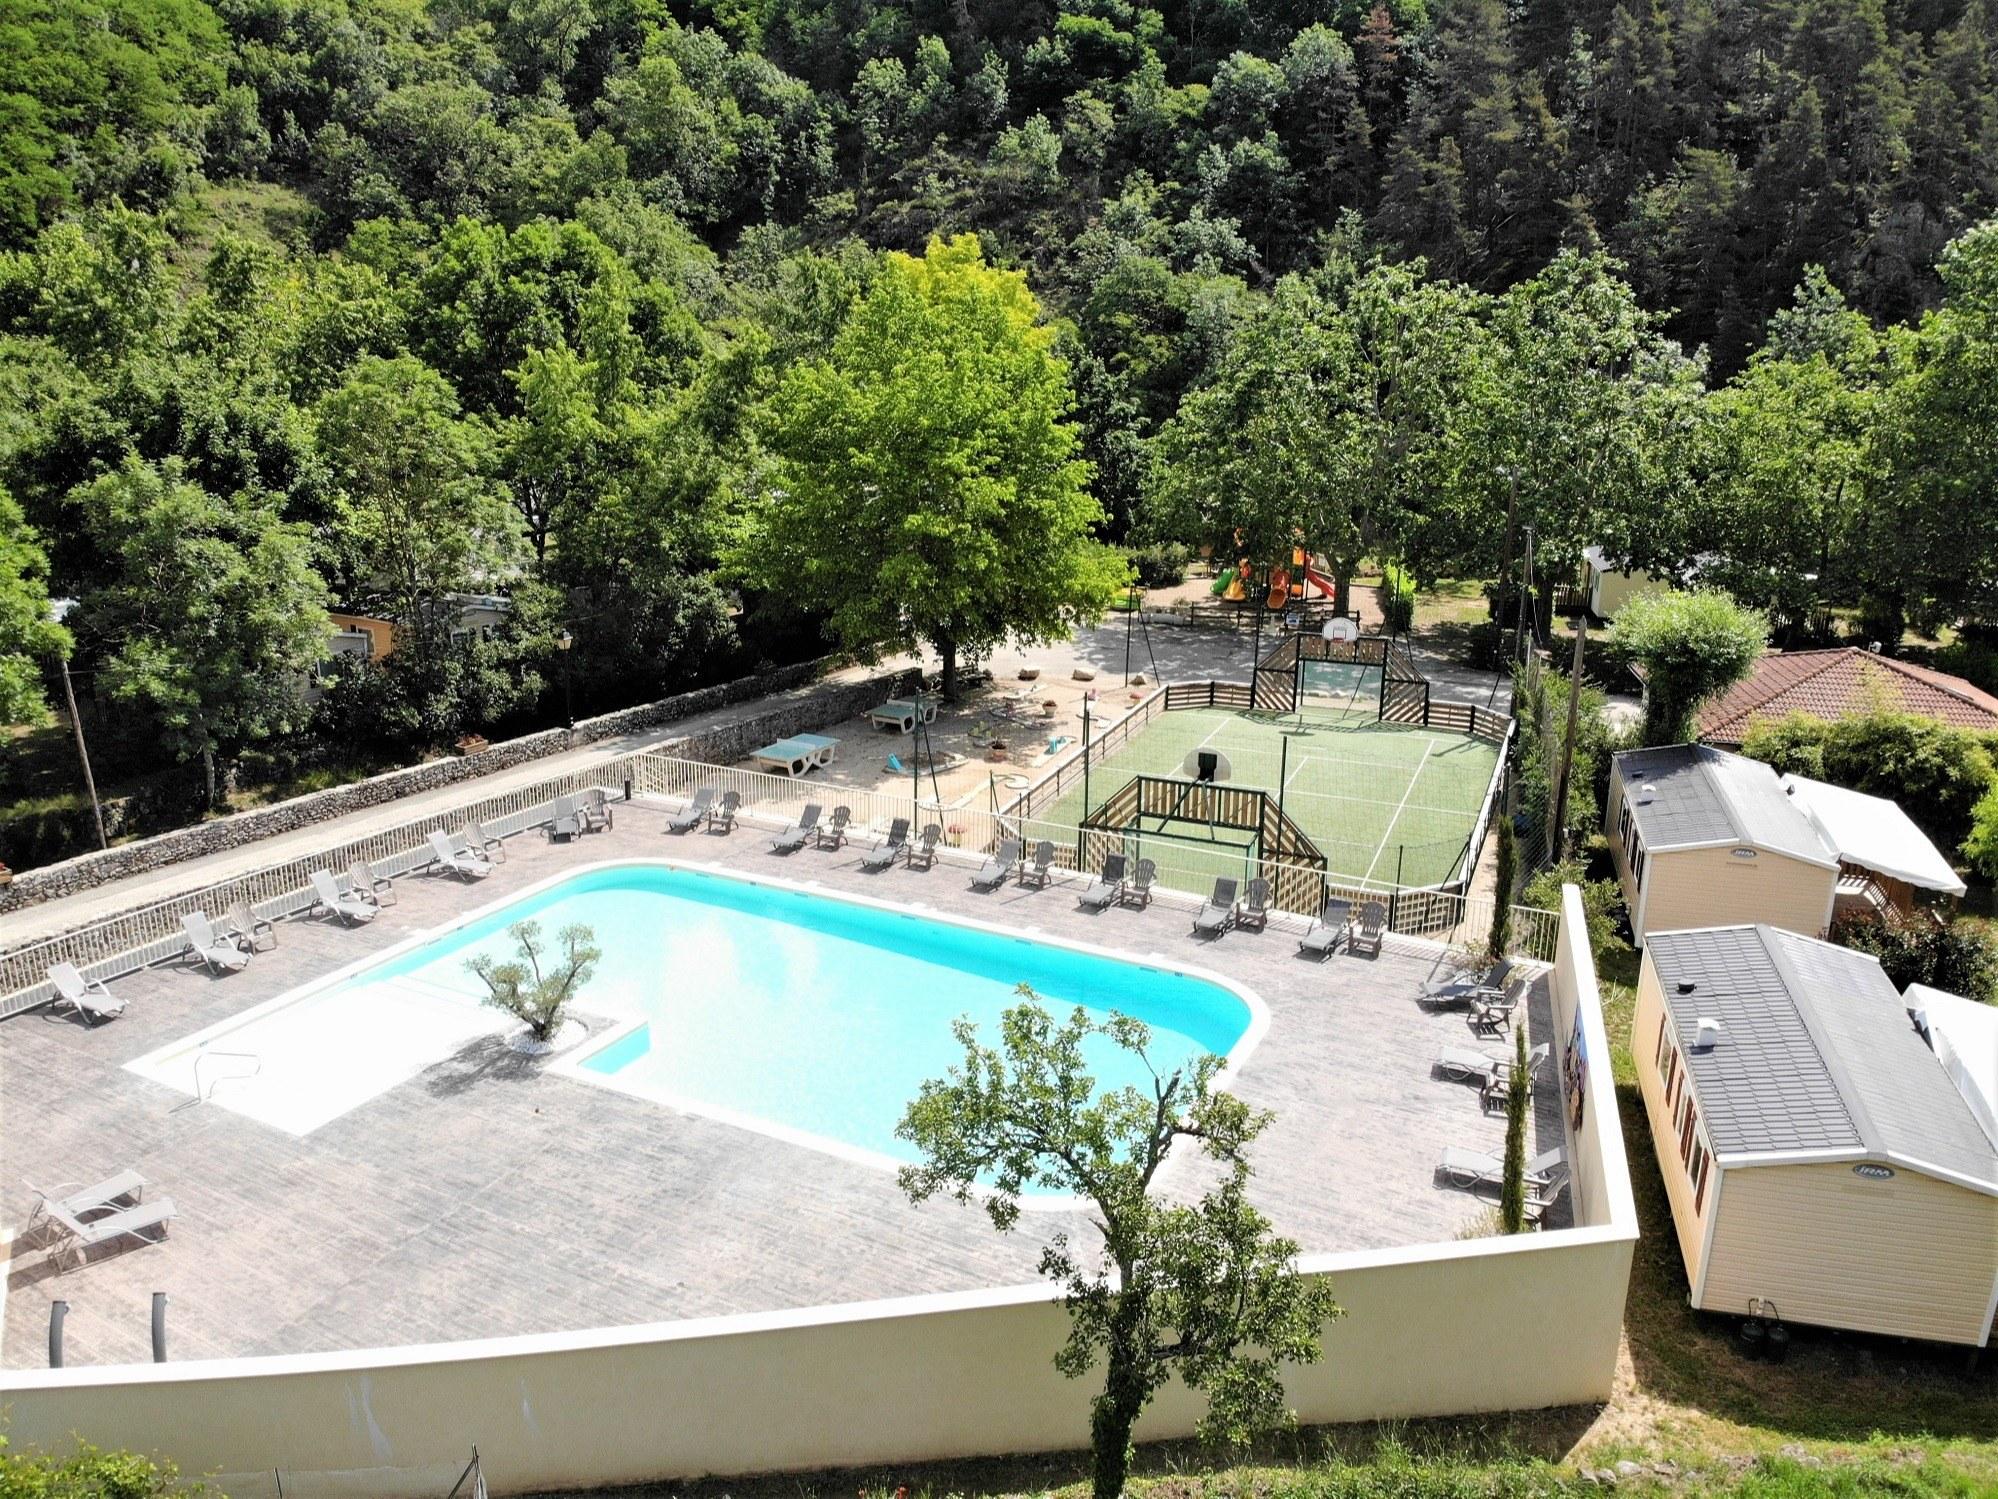 piscine chauffée CAMPING DE RETOURTOUR ARDECHE RIVIERE